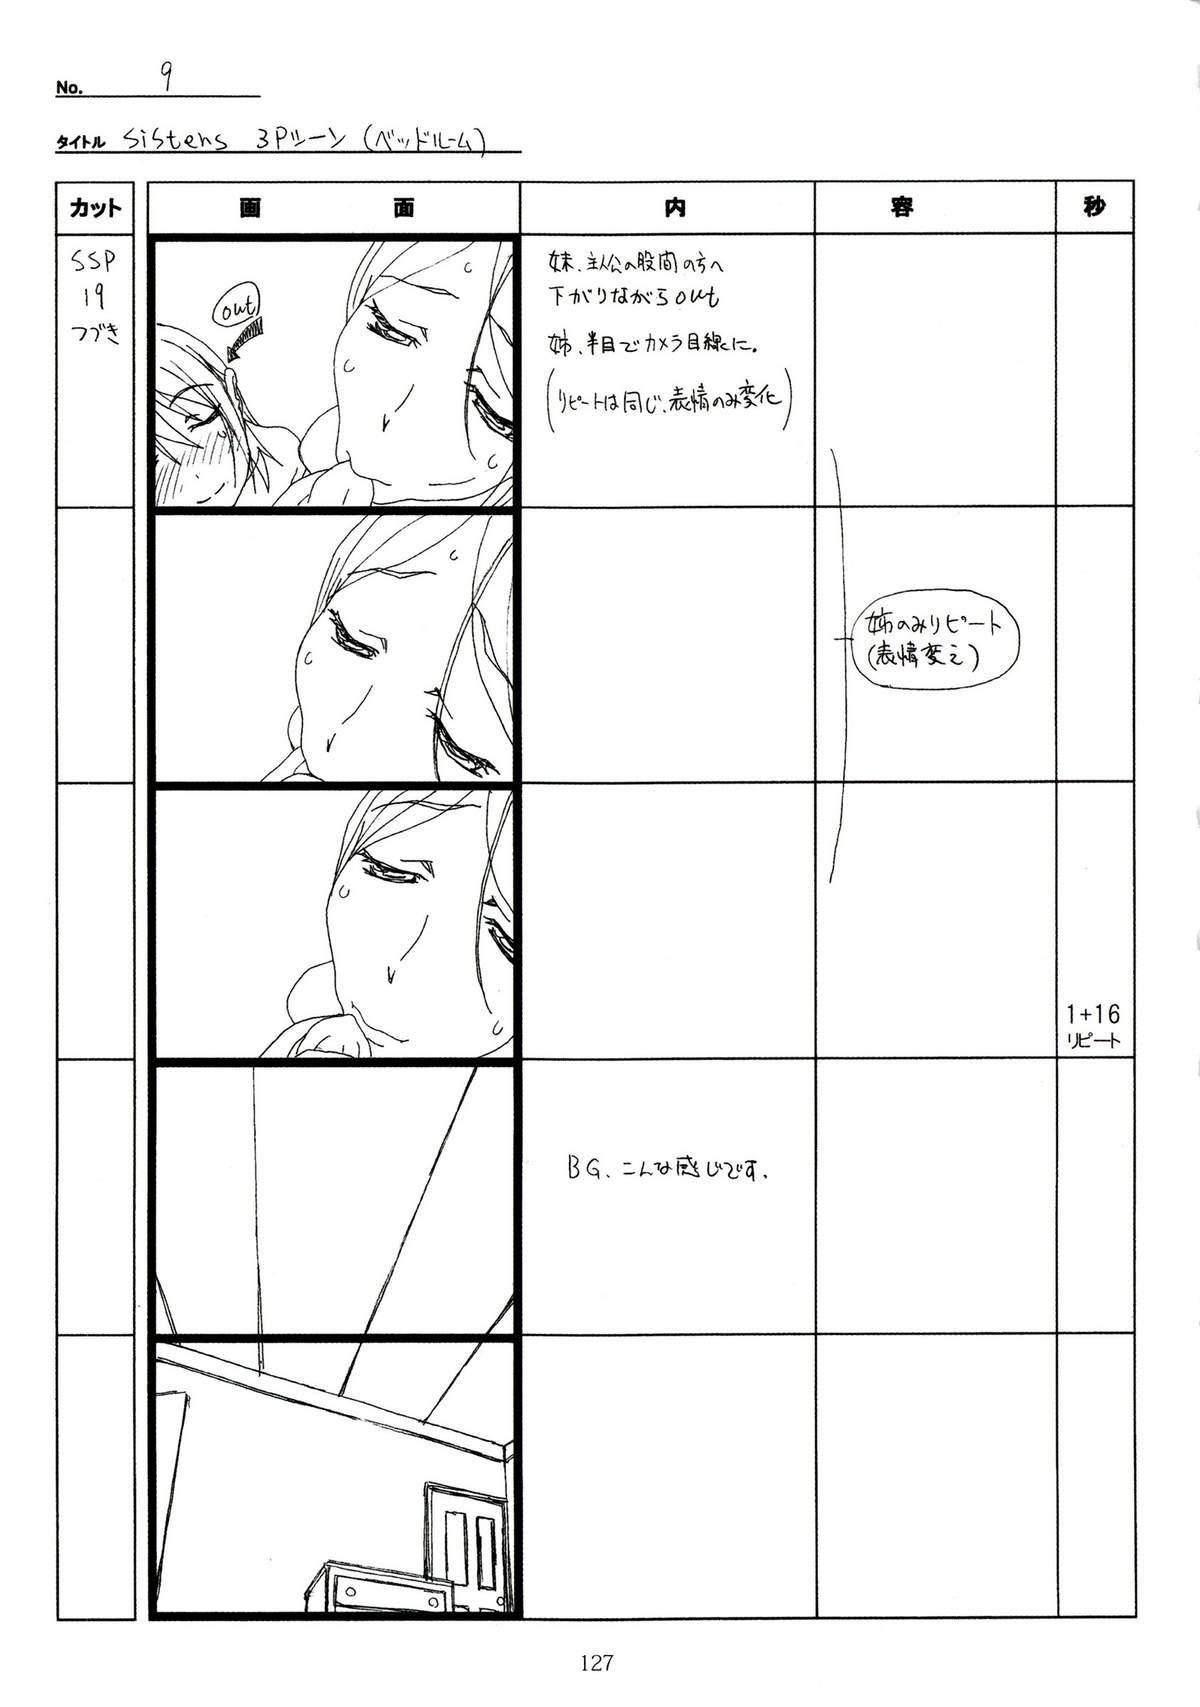 (C89) [Makino Jimusho (Taki Minashika)] SISTERS -Natsu no Saigo no Hi- H Scene All Part Storyboard (SISTERS -Natsu no Saigo no Hi-) 126